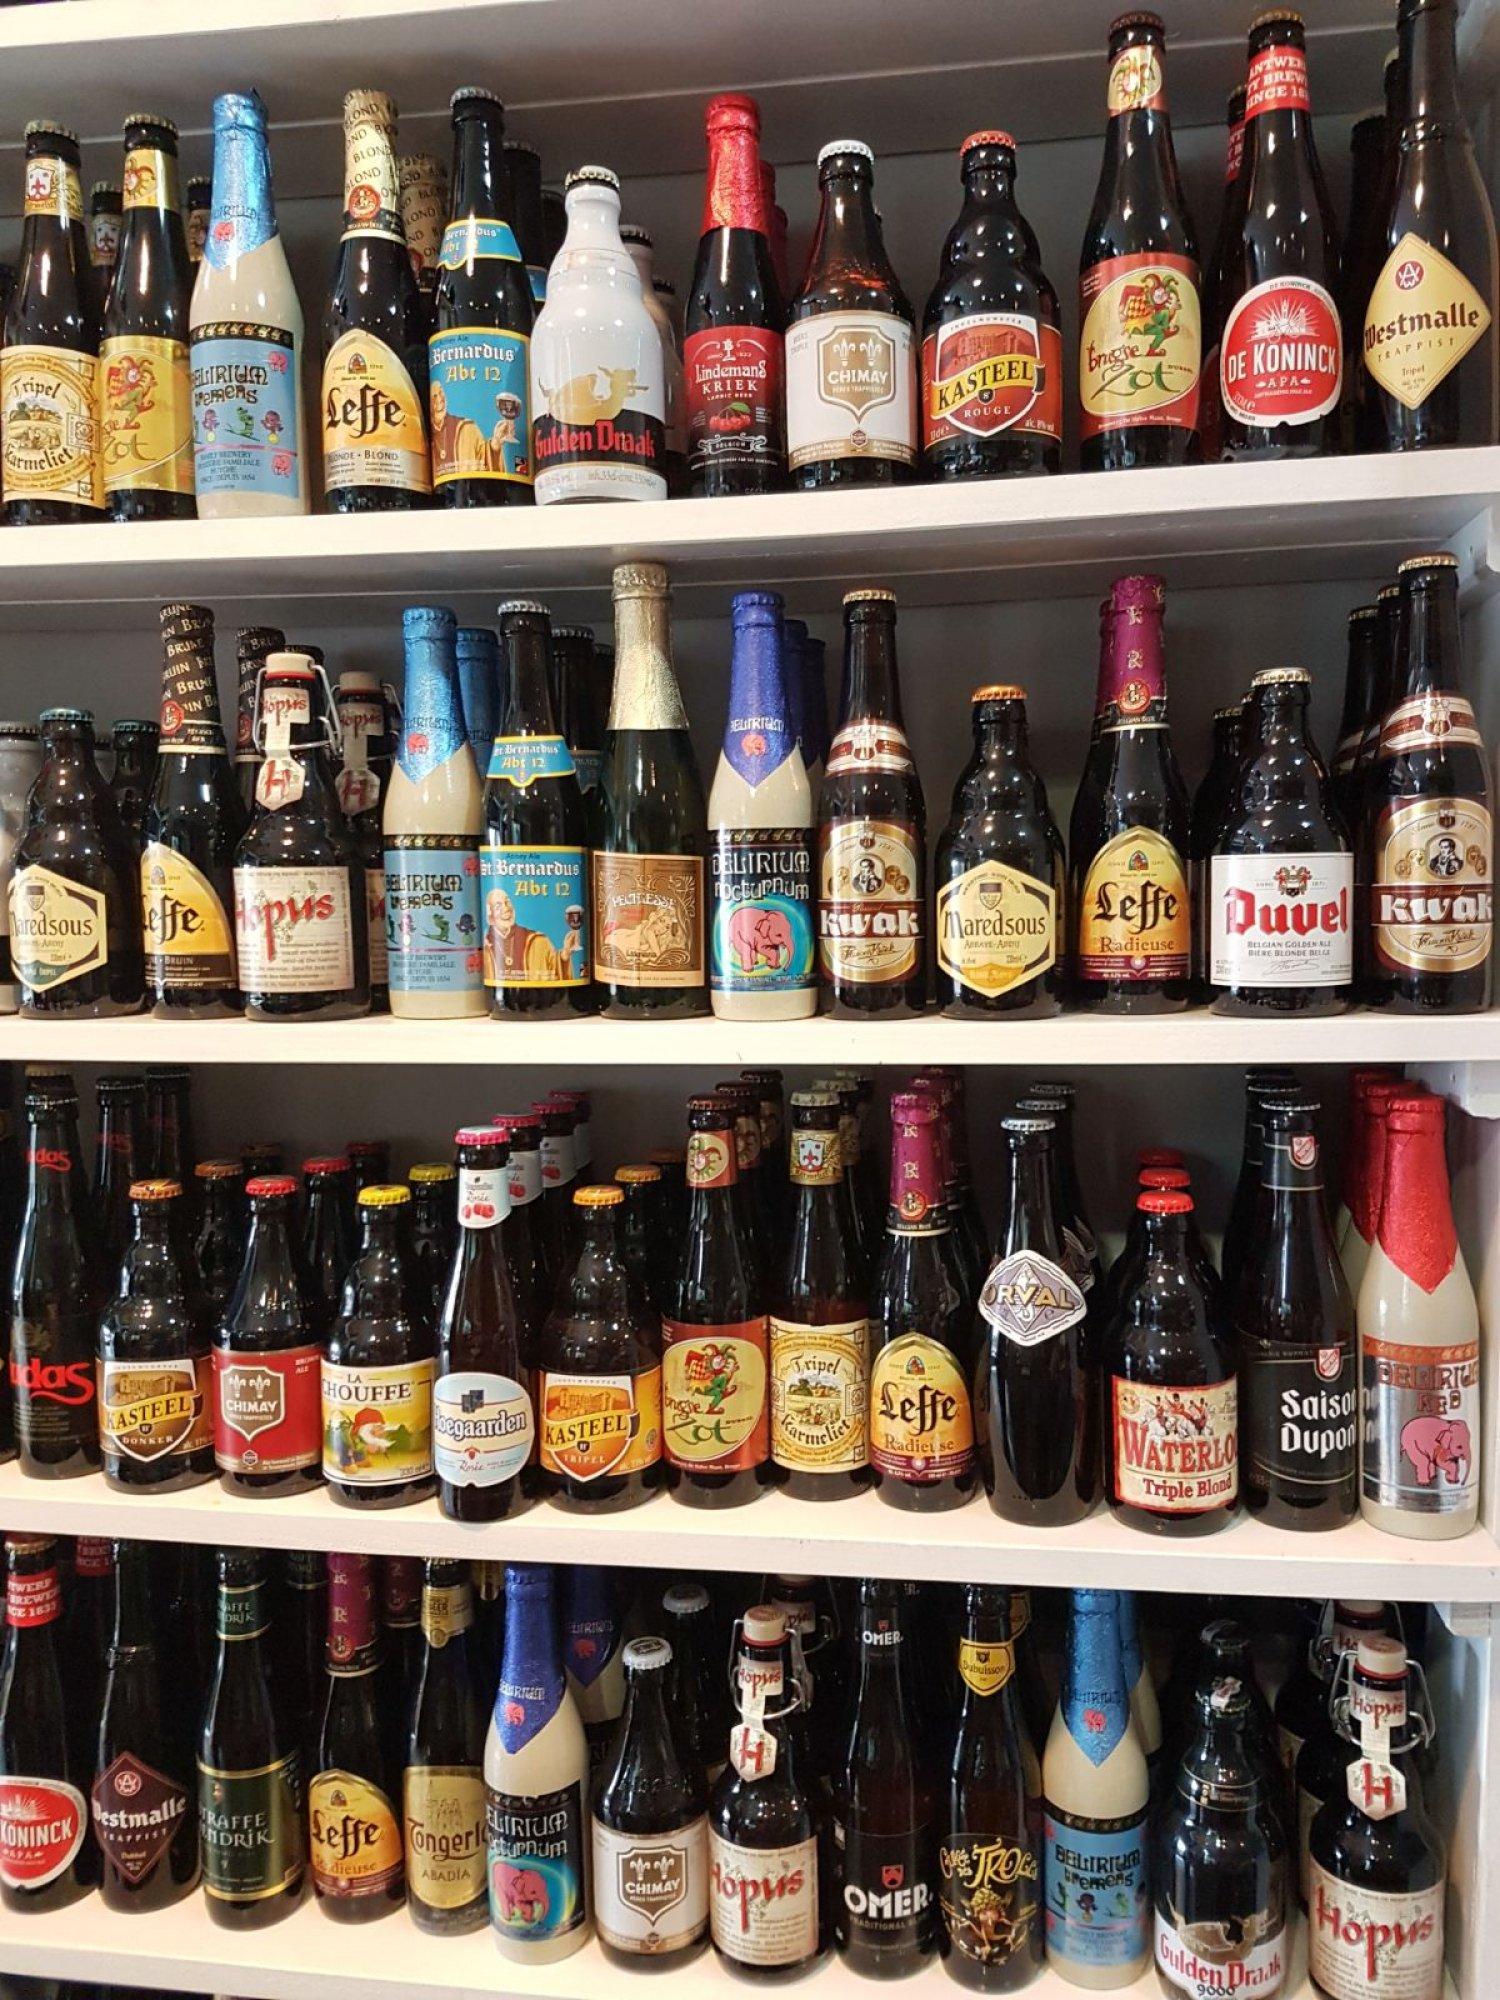 Taste Belgian Beers